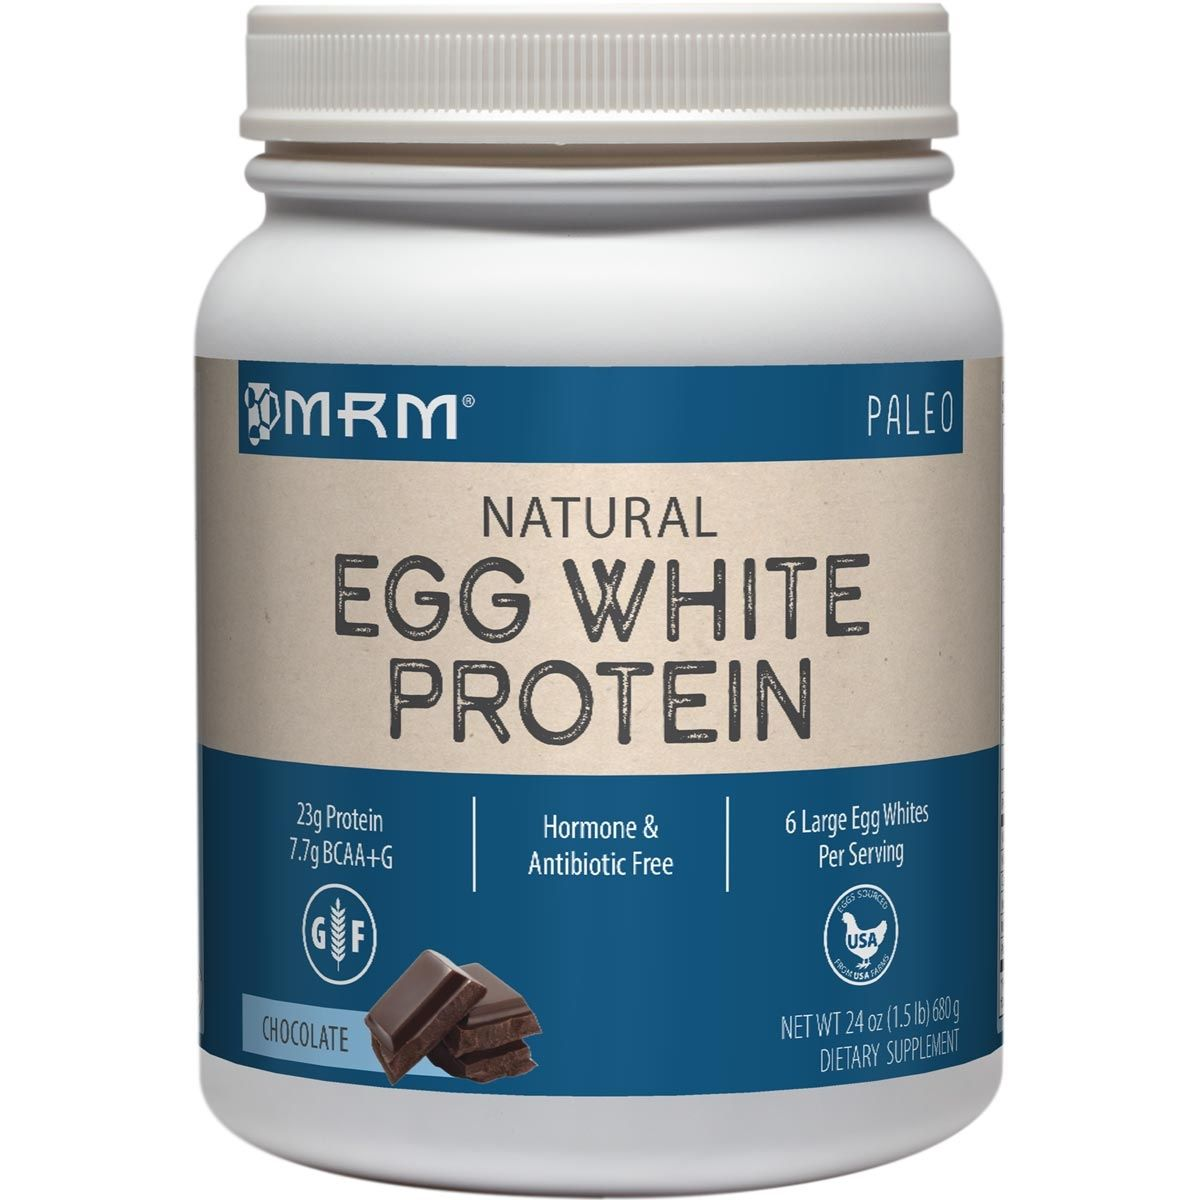 Pure egg white protein powder